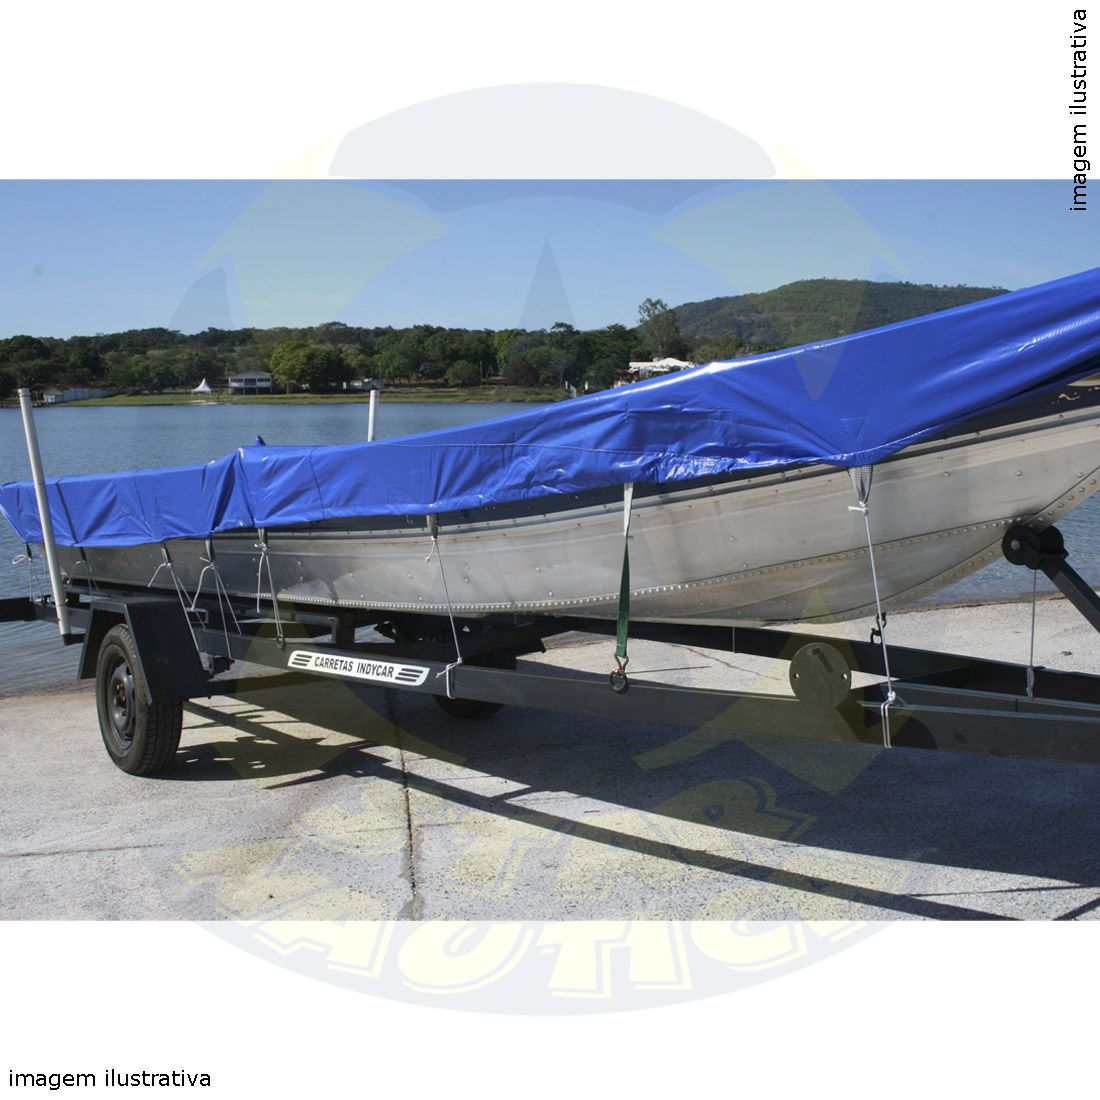 Capa Lona de Cobertura Barco Karib 600 Lona Vinílica